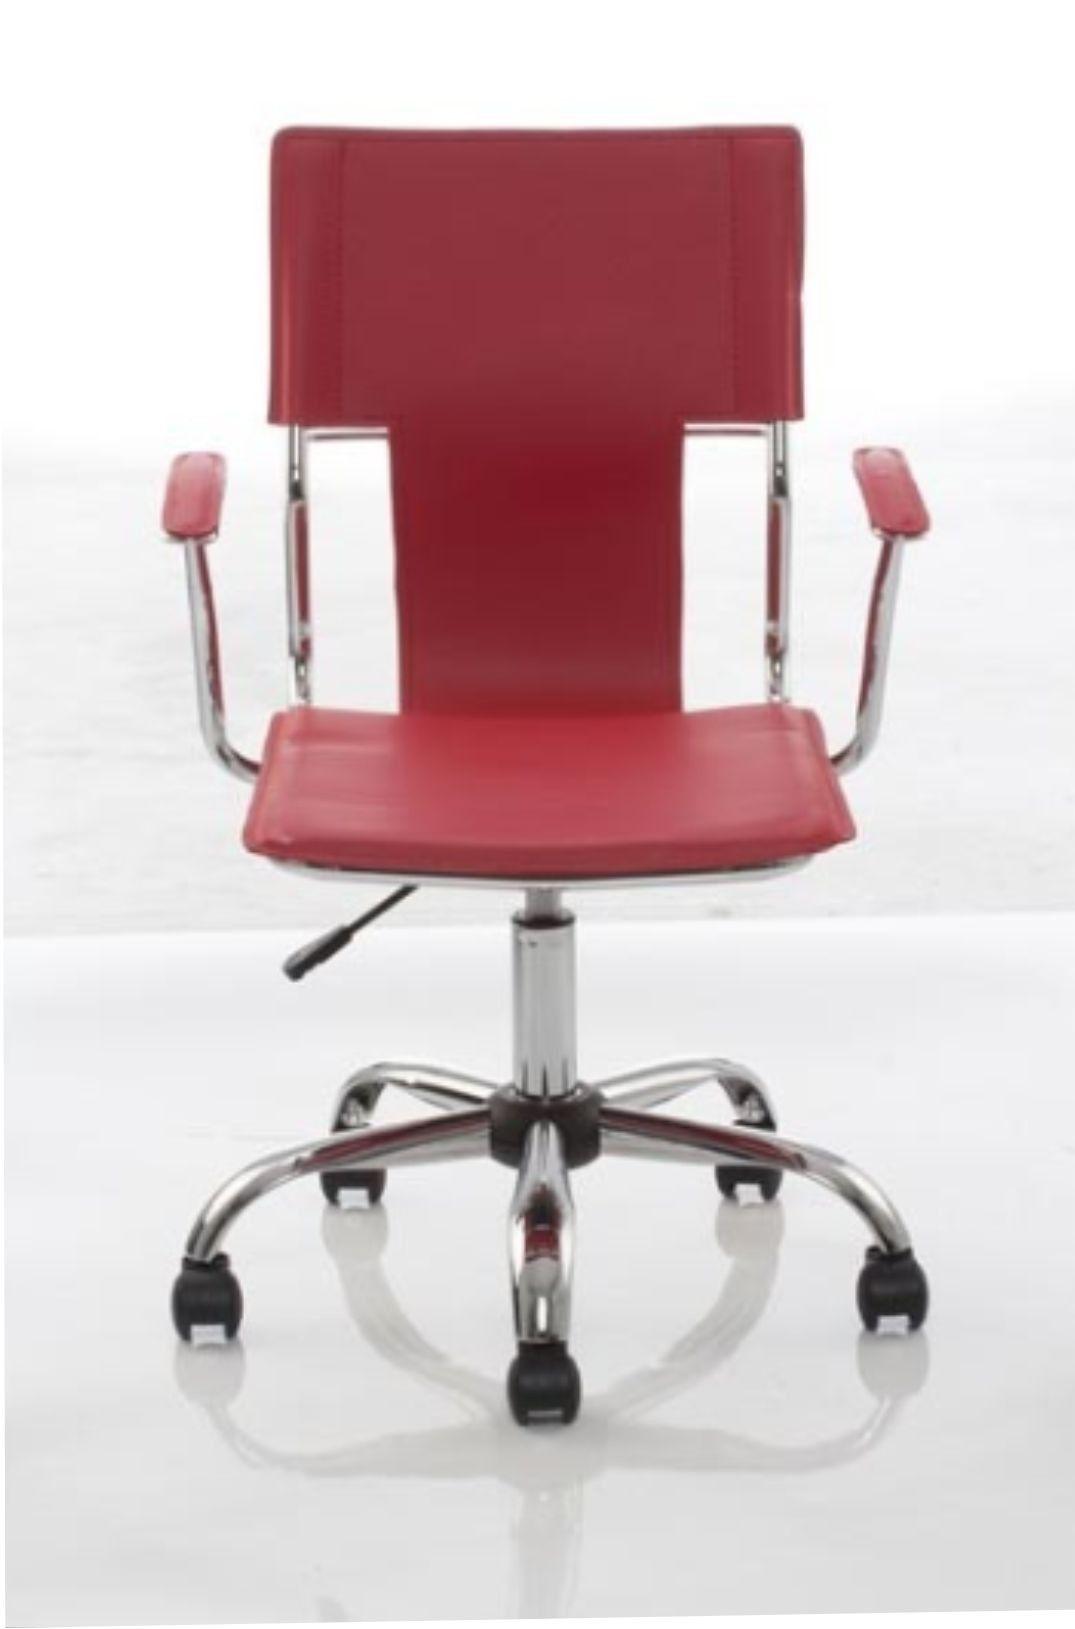 Cadeira Diretor Executiva Giratória Vermelha em Couro Sintético  Ideal - Orb